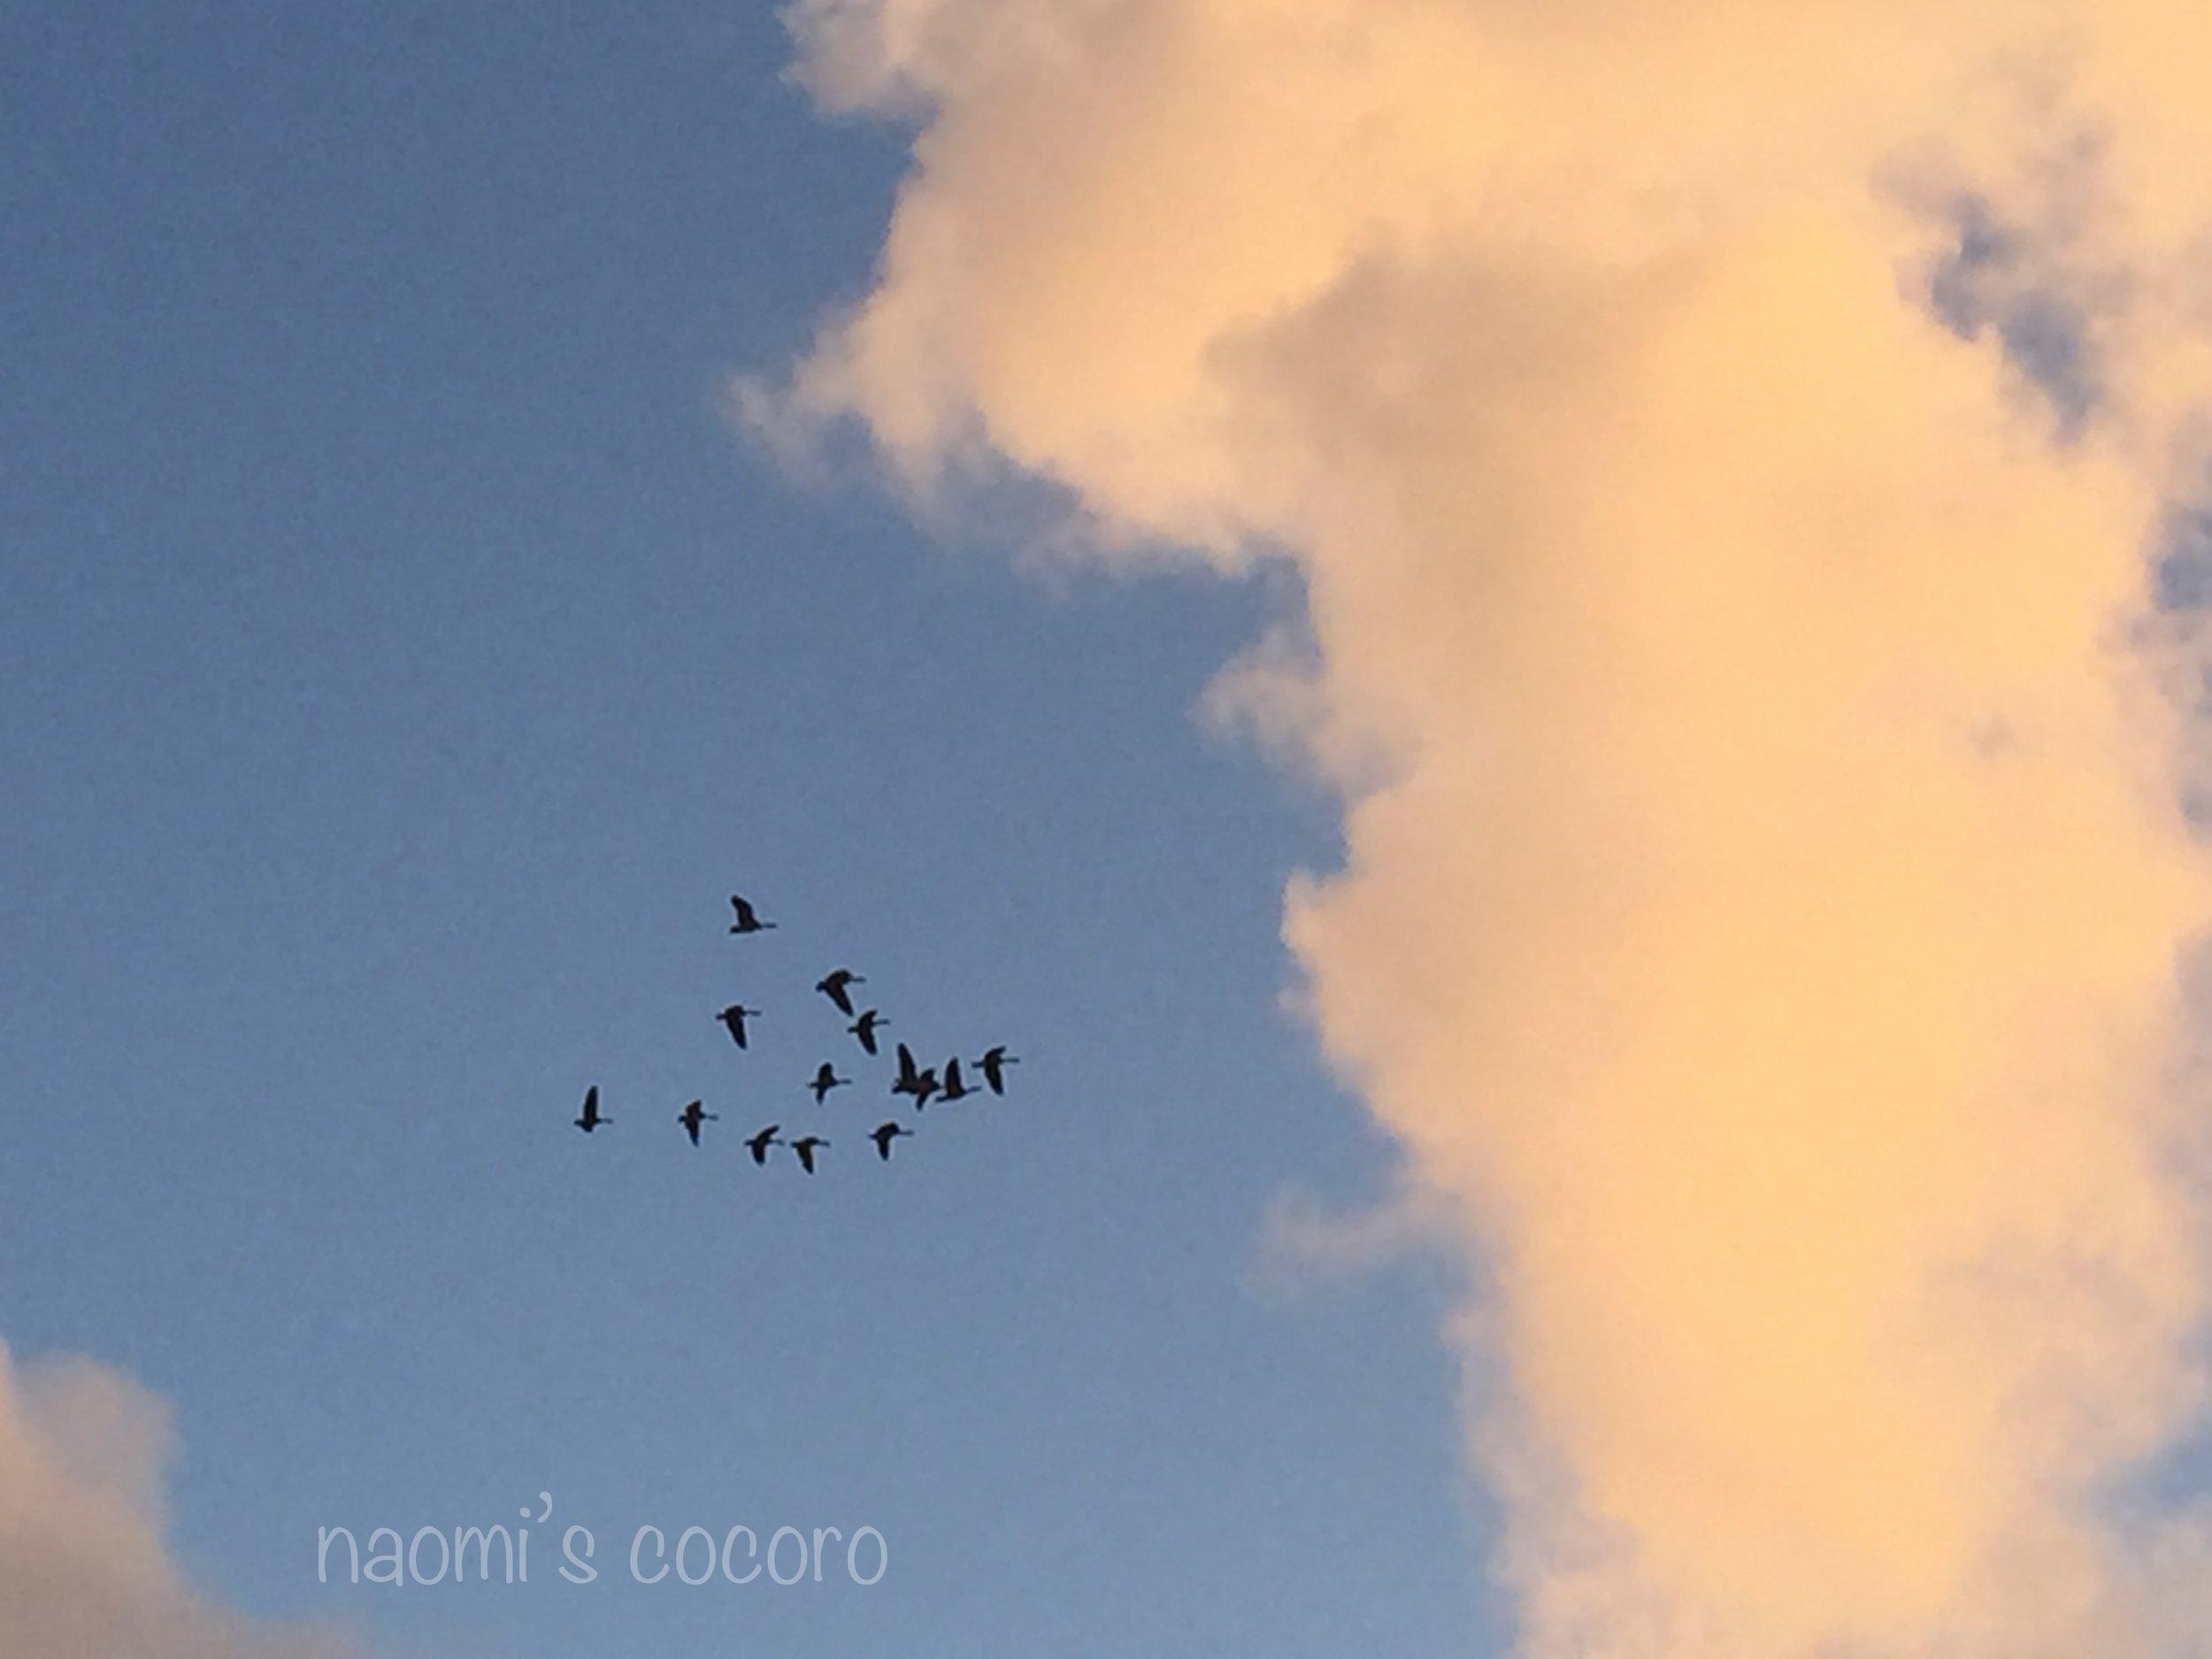 ハワイ州鳥 ネネ。こんなに大きな群れは見たことがなかった。